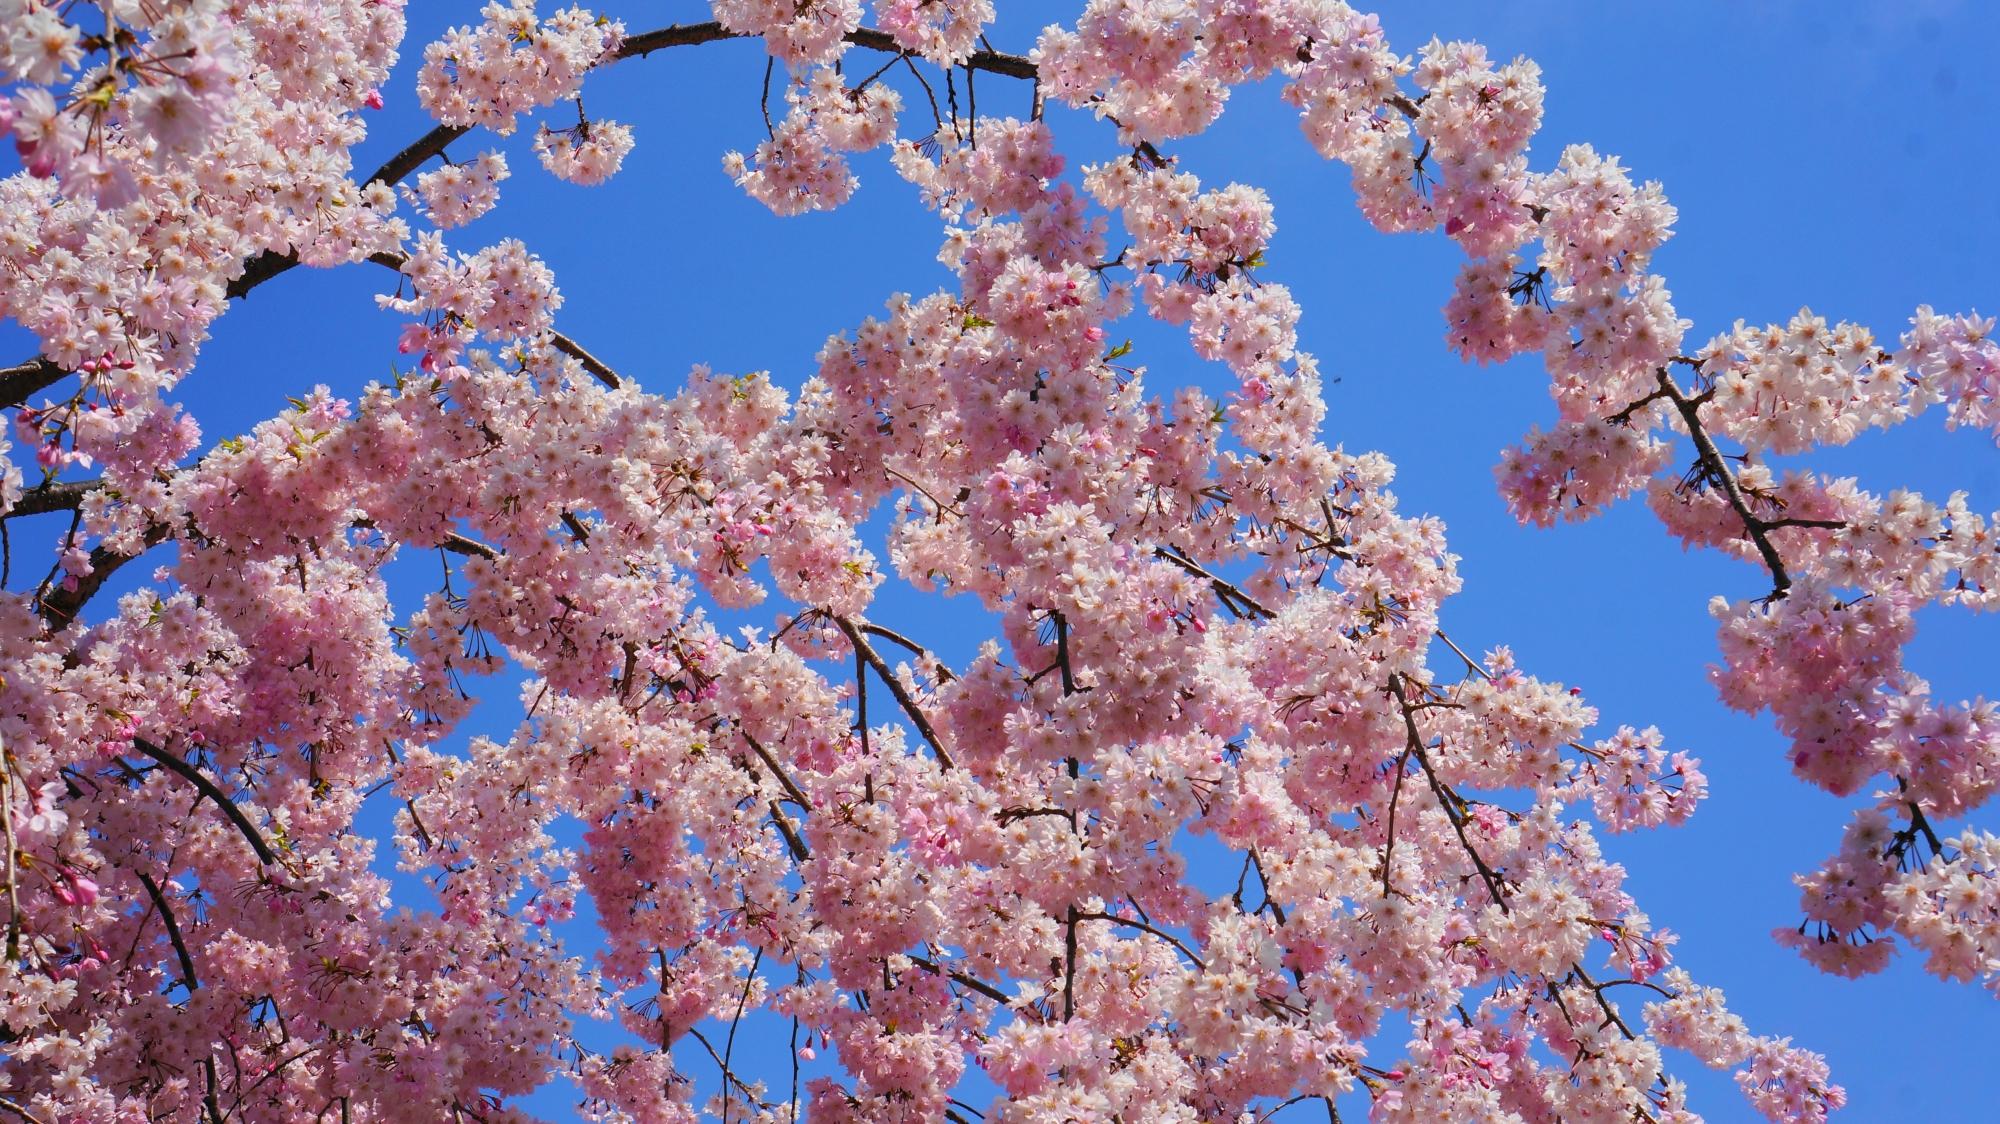 青空に映えるピンクの桜の花